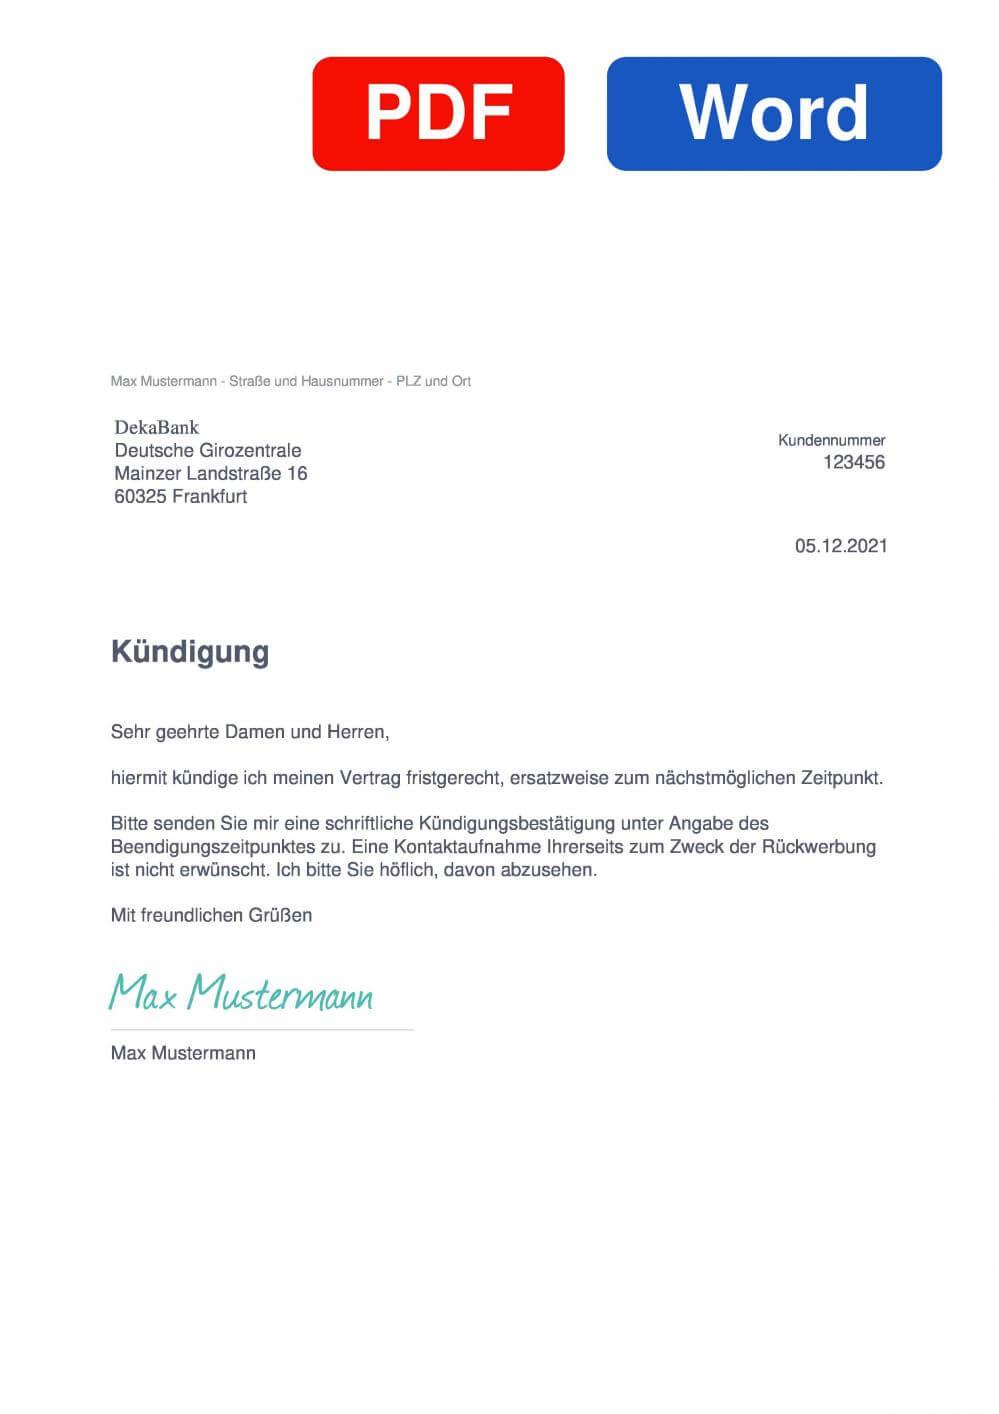 Deka BasisAnlage A60 Muster Vorlage für Kündigungsschreiben